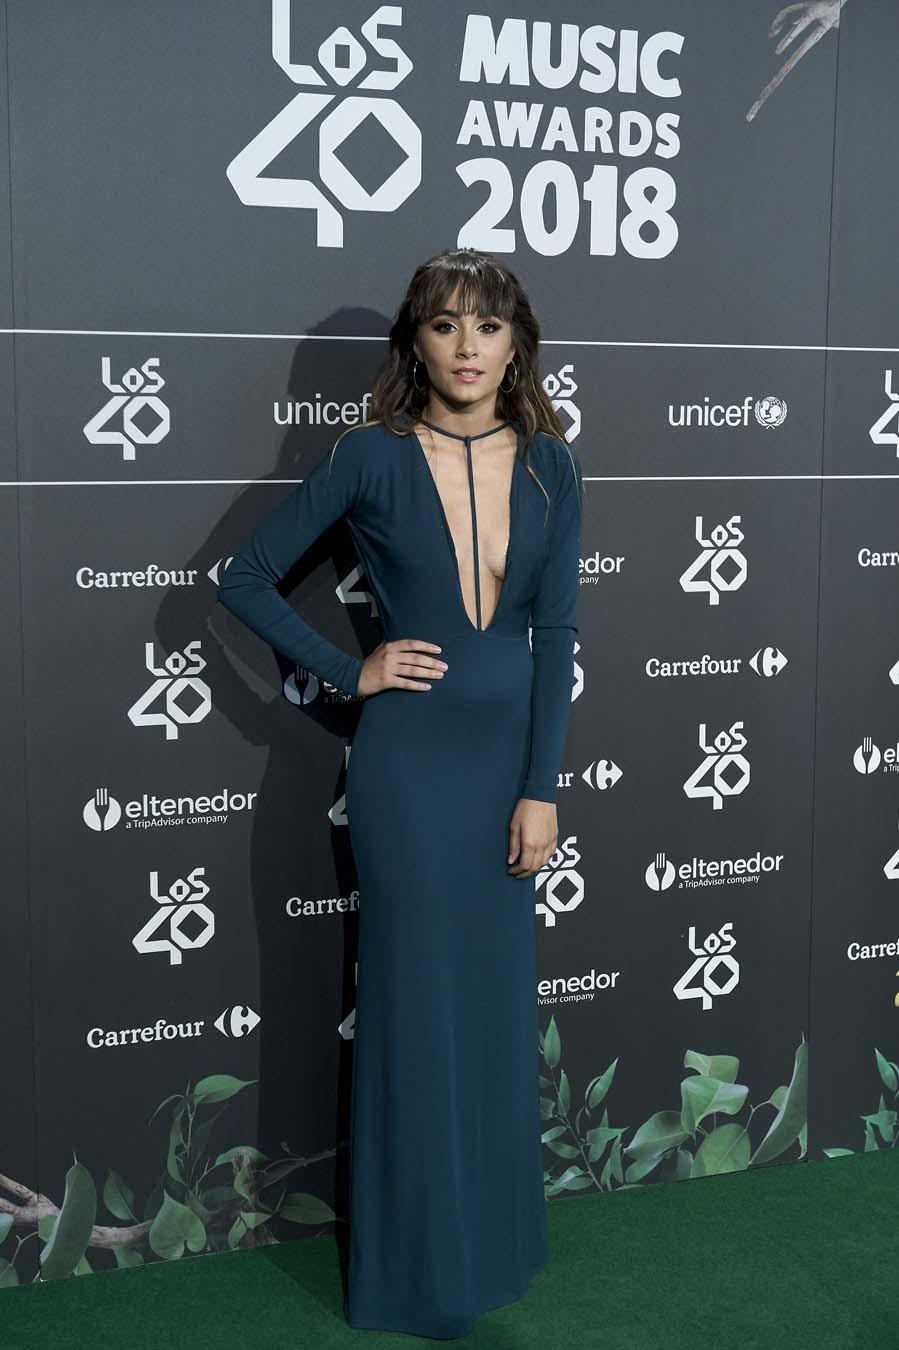 La ex concursante de Operación Triunfo arriesgó con un vestido con...